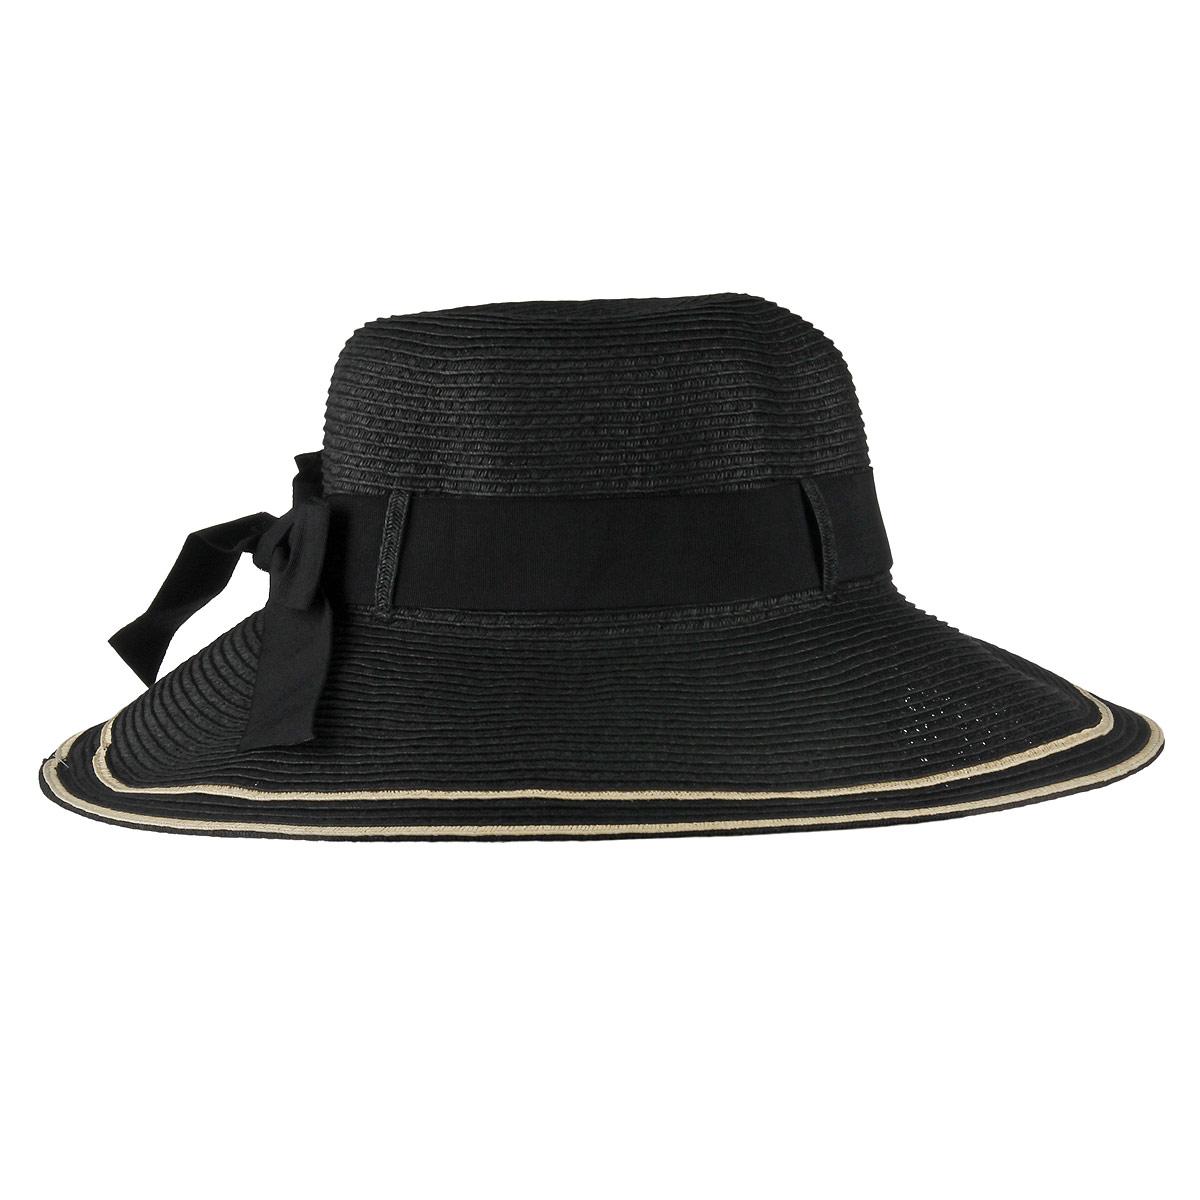 1966191Очаровательная женская шляпа Canoe Chic, выполненная из искусственной соломы и прочного полиэстера, станет незаменимым аксессуаром для пляжа и отдыха на природе. Широкие поля шляпы обеспечат надежную защиту от солнечных лучей. Шляпа оформлена декоративной лентой с бантом. Плетение шляпы обеспечивает необходимую вентиляцию и комфорт даже в самый знойный день. Шляпа легко восстанавливает свою форму после сжатия. Стильная шляпа с элегантными волнистыми полями подчеркнет вашу неповторимость и дополнит ваш повседневный образ.